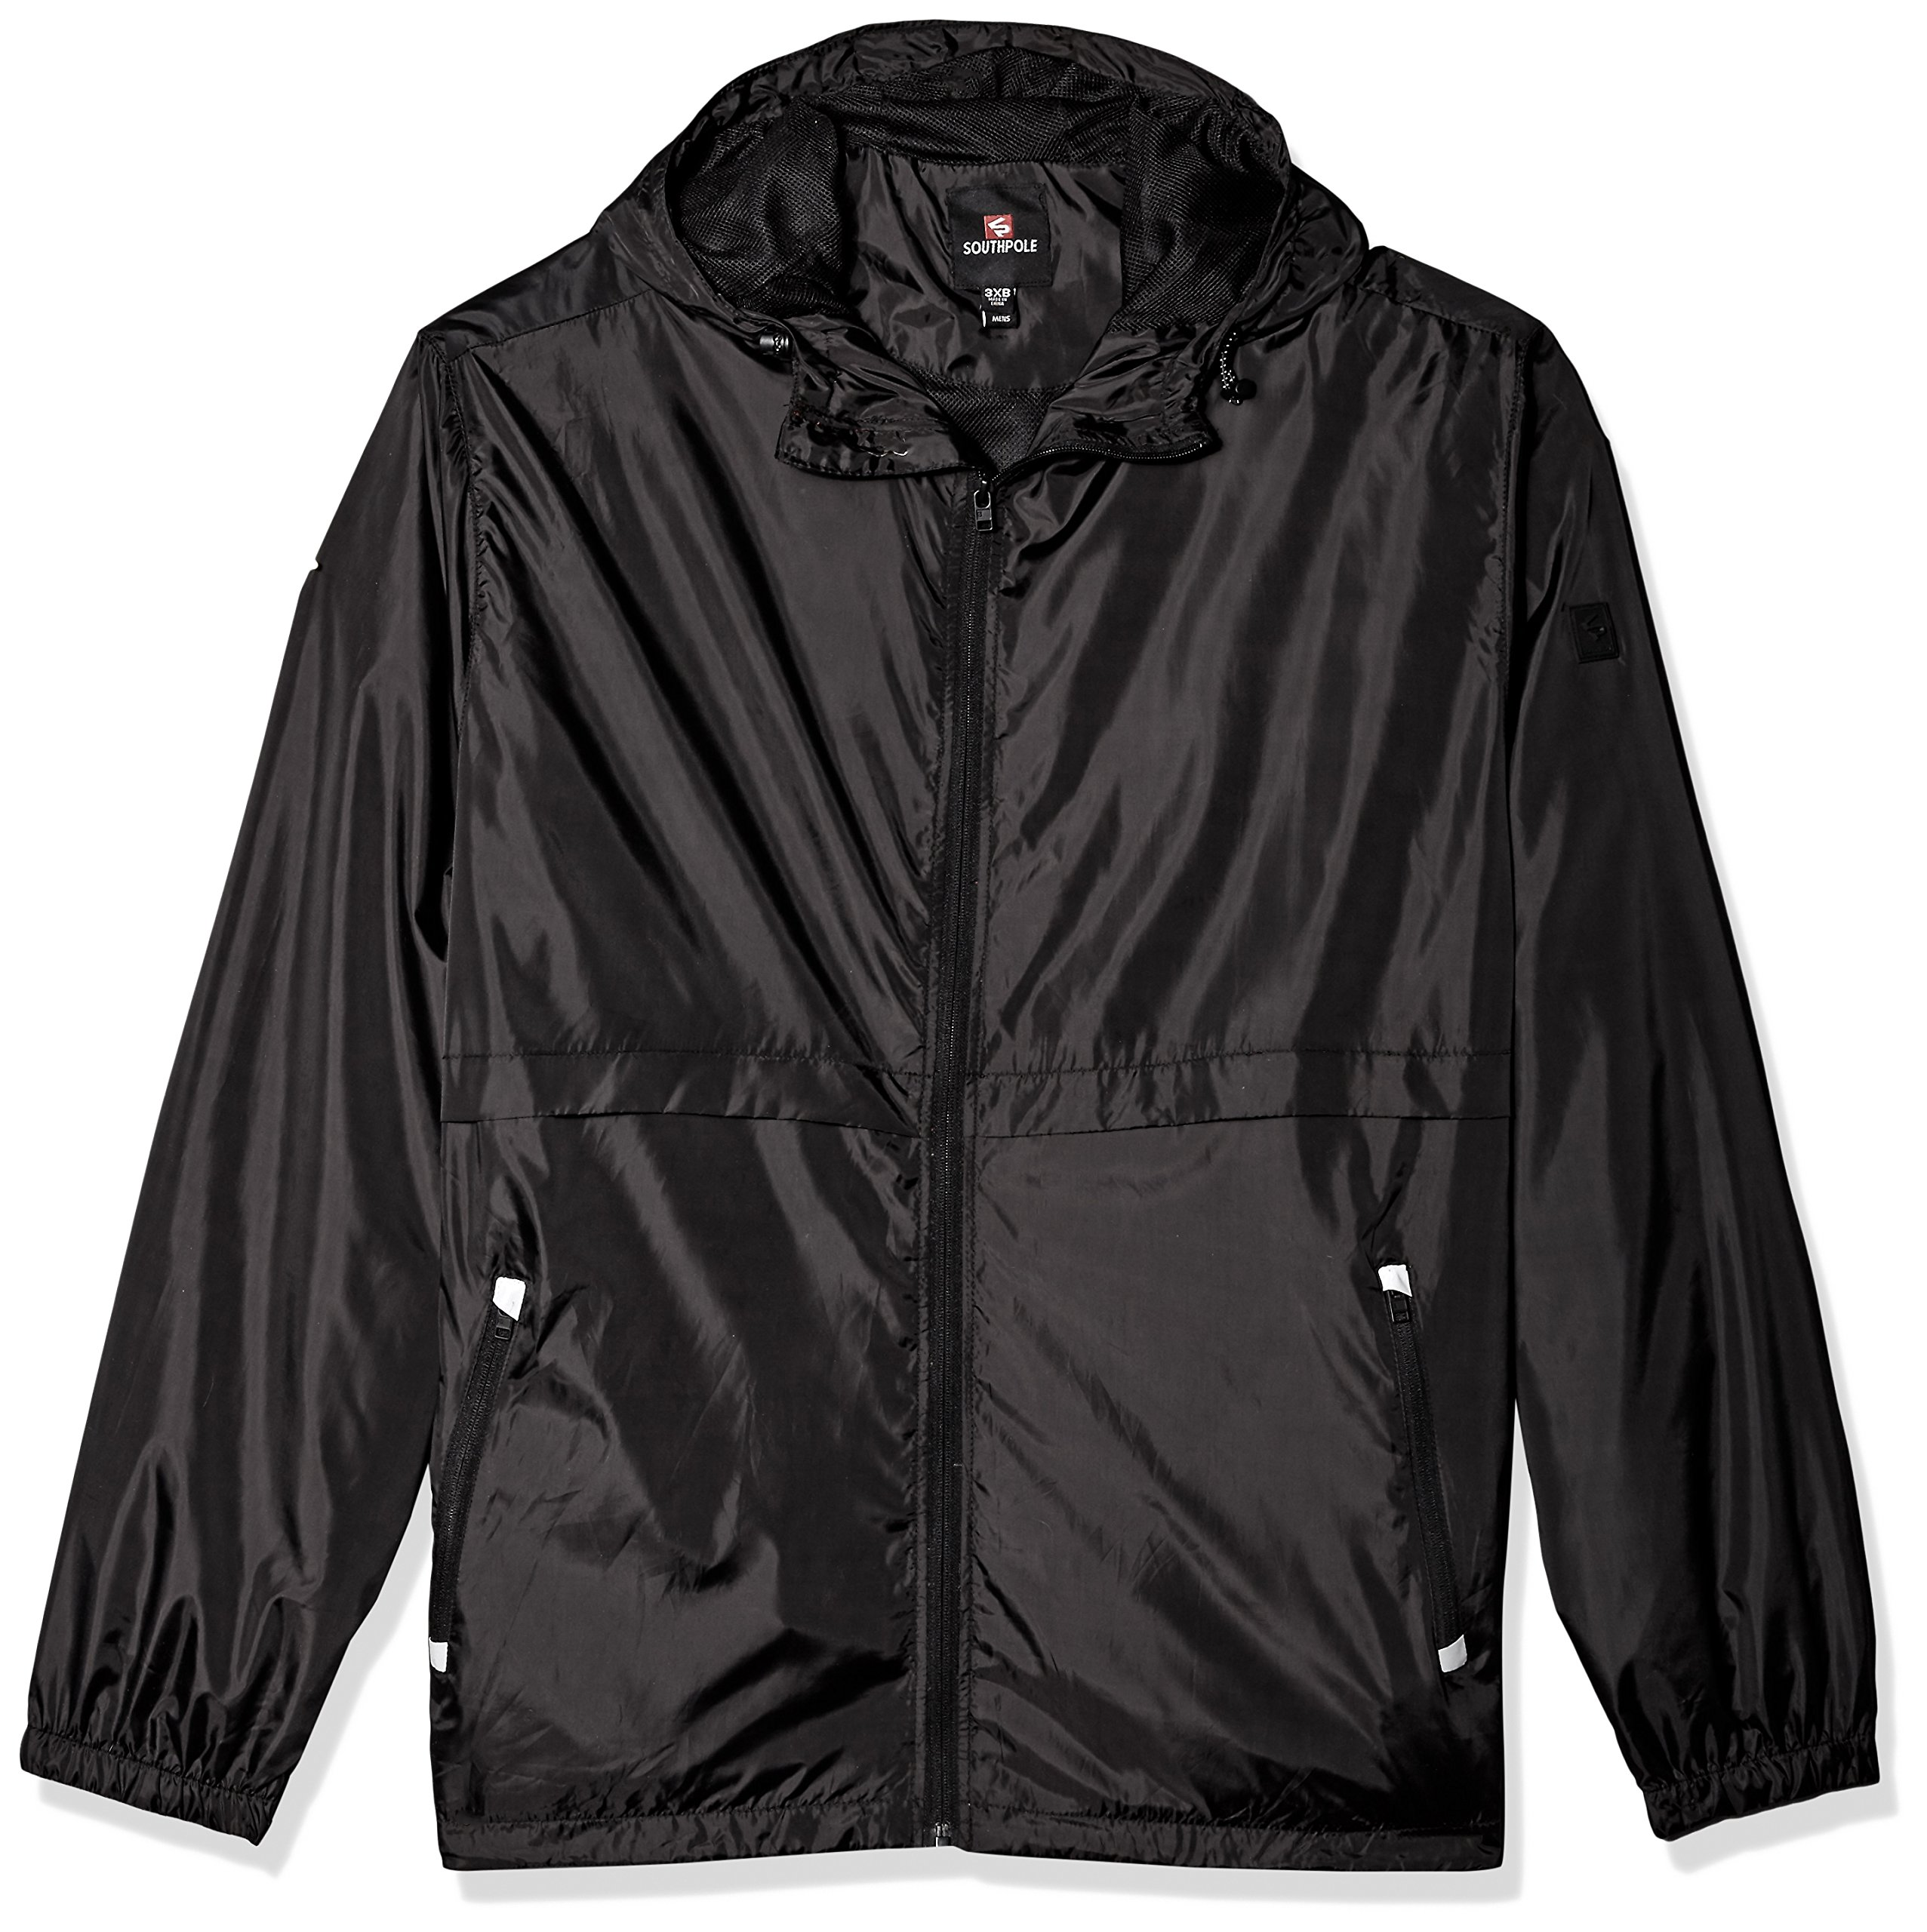 Southpole Men's Water Resistance Hooded Windbreaker Jacket, Black, Large by Southpole